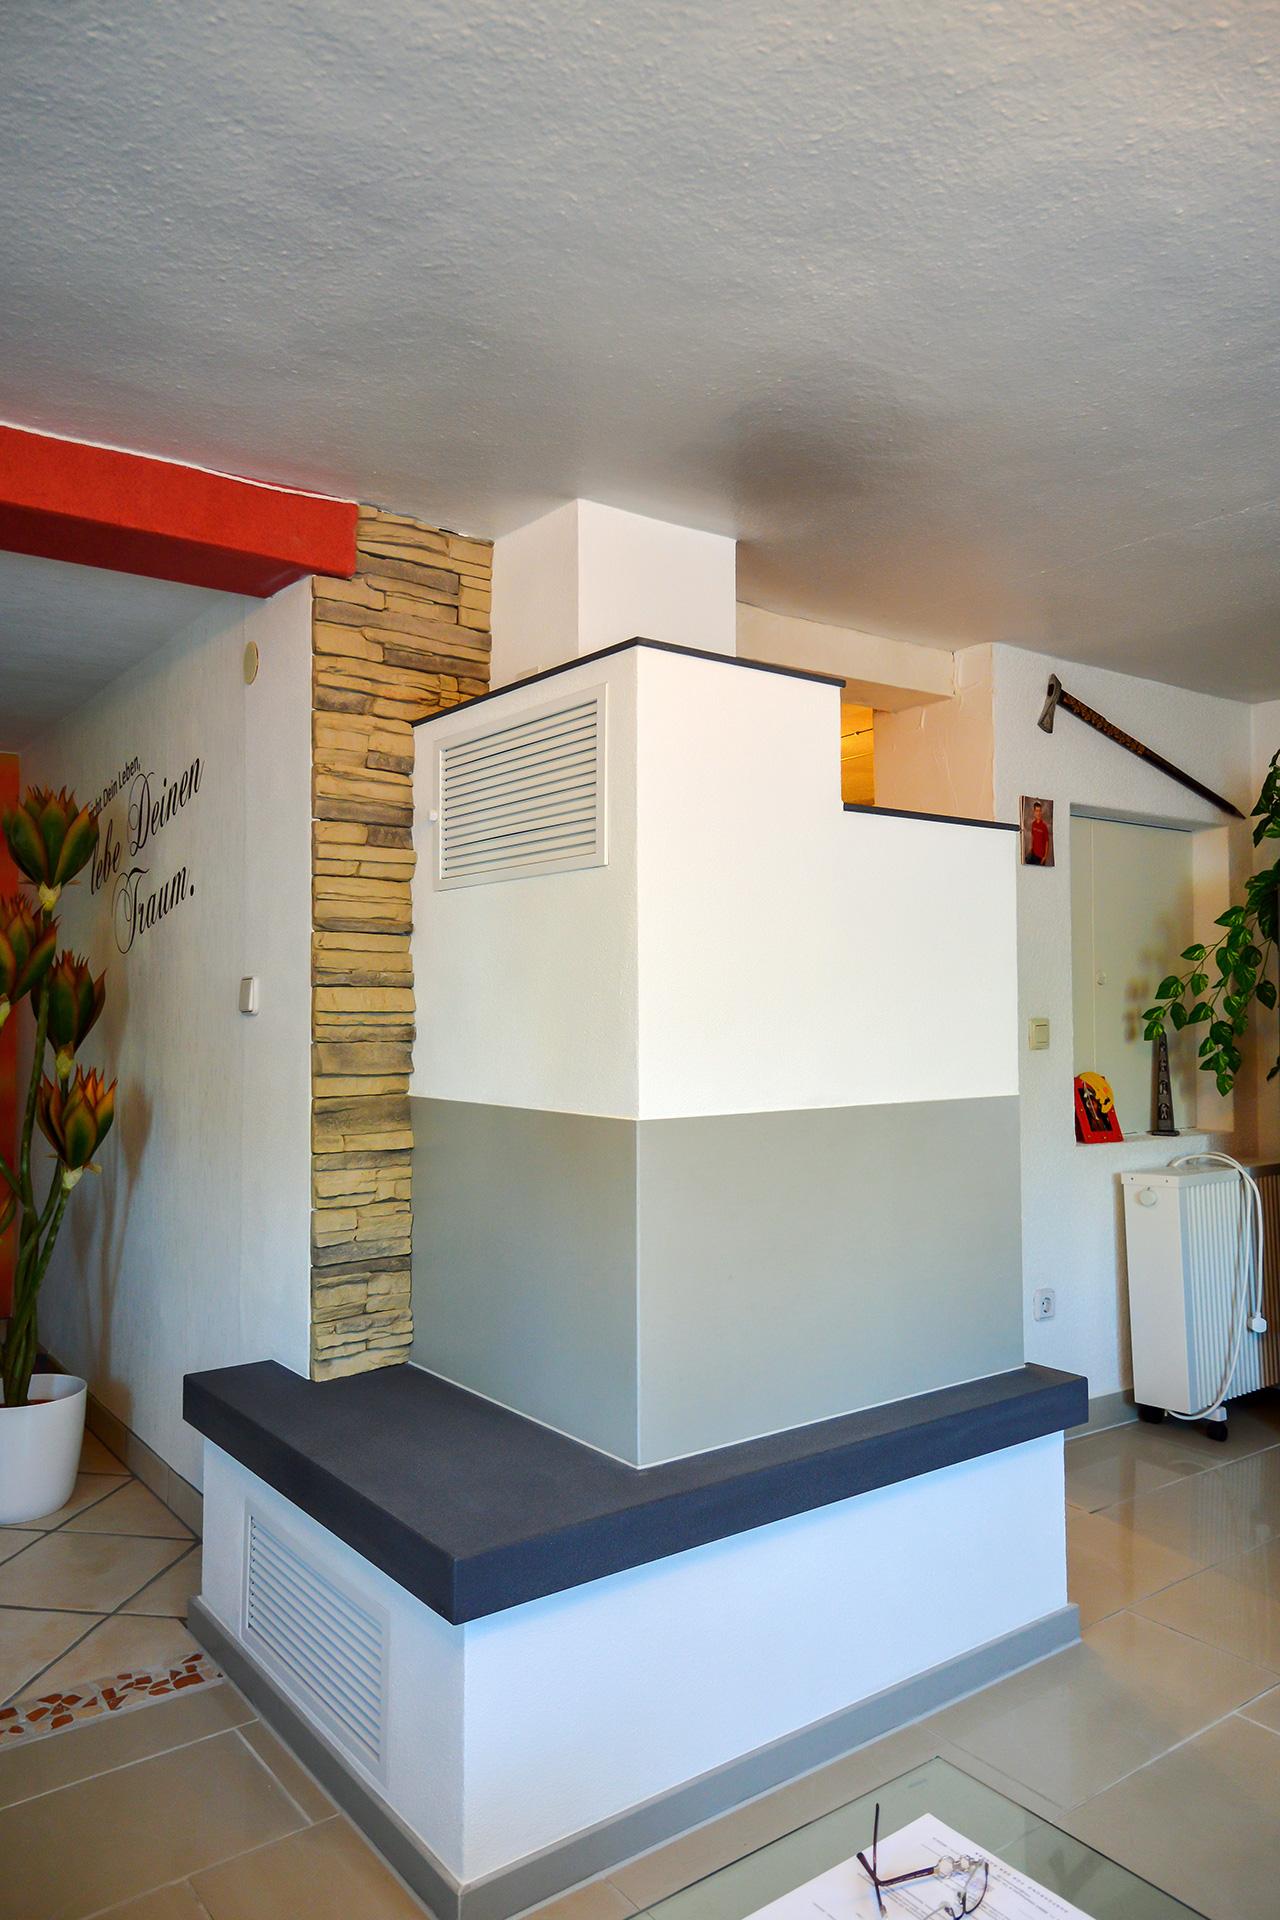 Referenz Ofen- und Kaminbau, Bild 0560